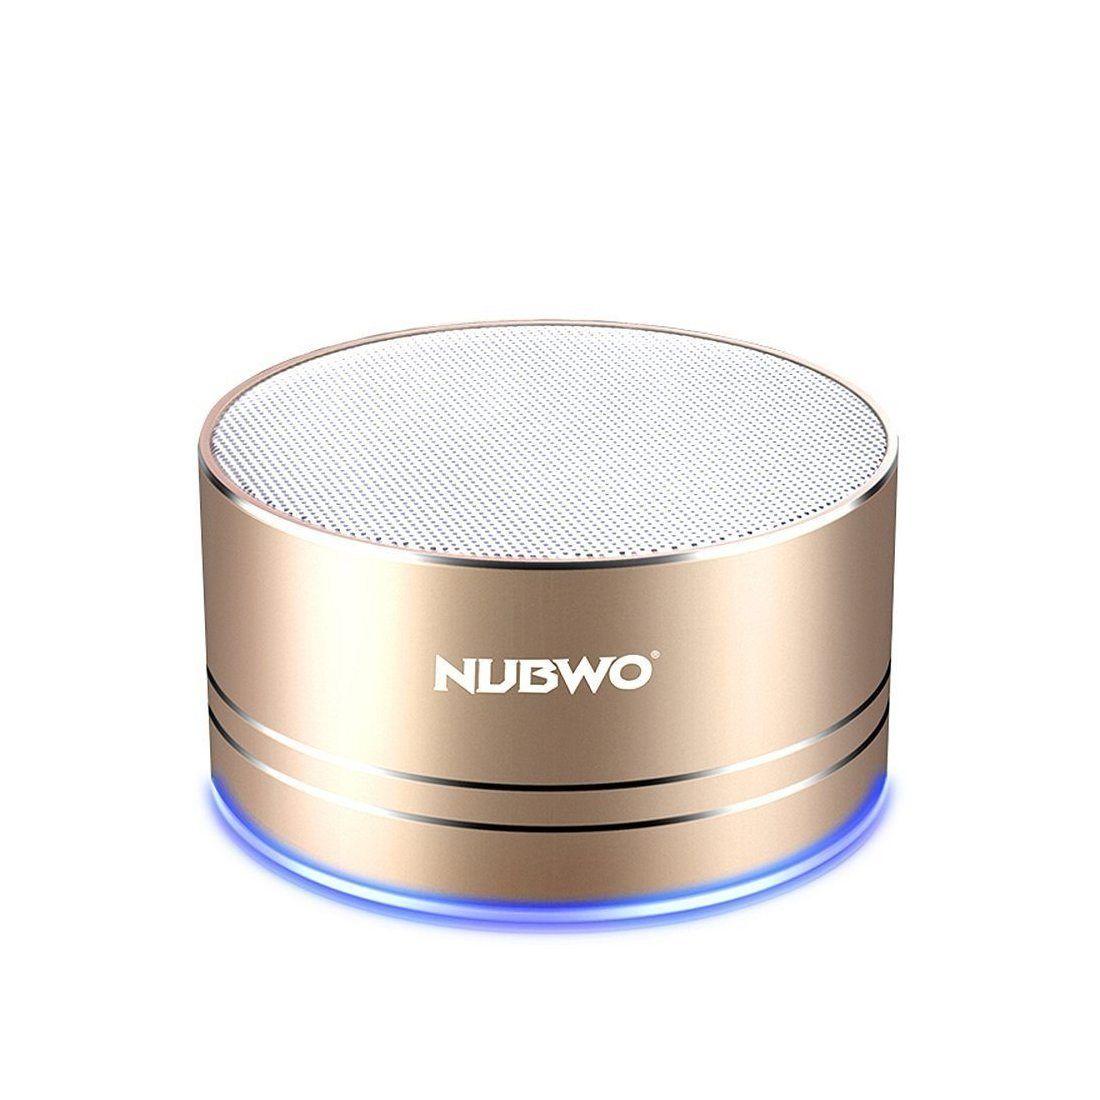 Enceinte Bluetooth, Nubwo Mini Haut-parleur de Voyage Portable Sans Fil,5 heures de Lecture,Microphone Intégré,Appel Mains-Li